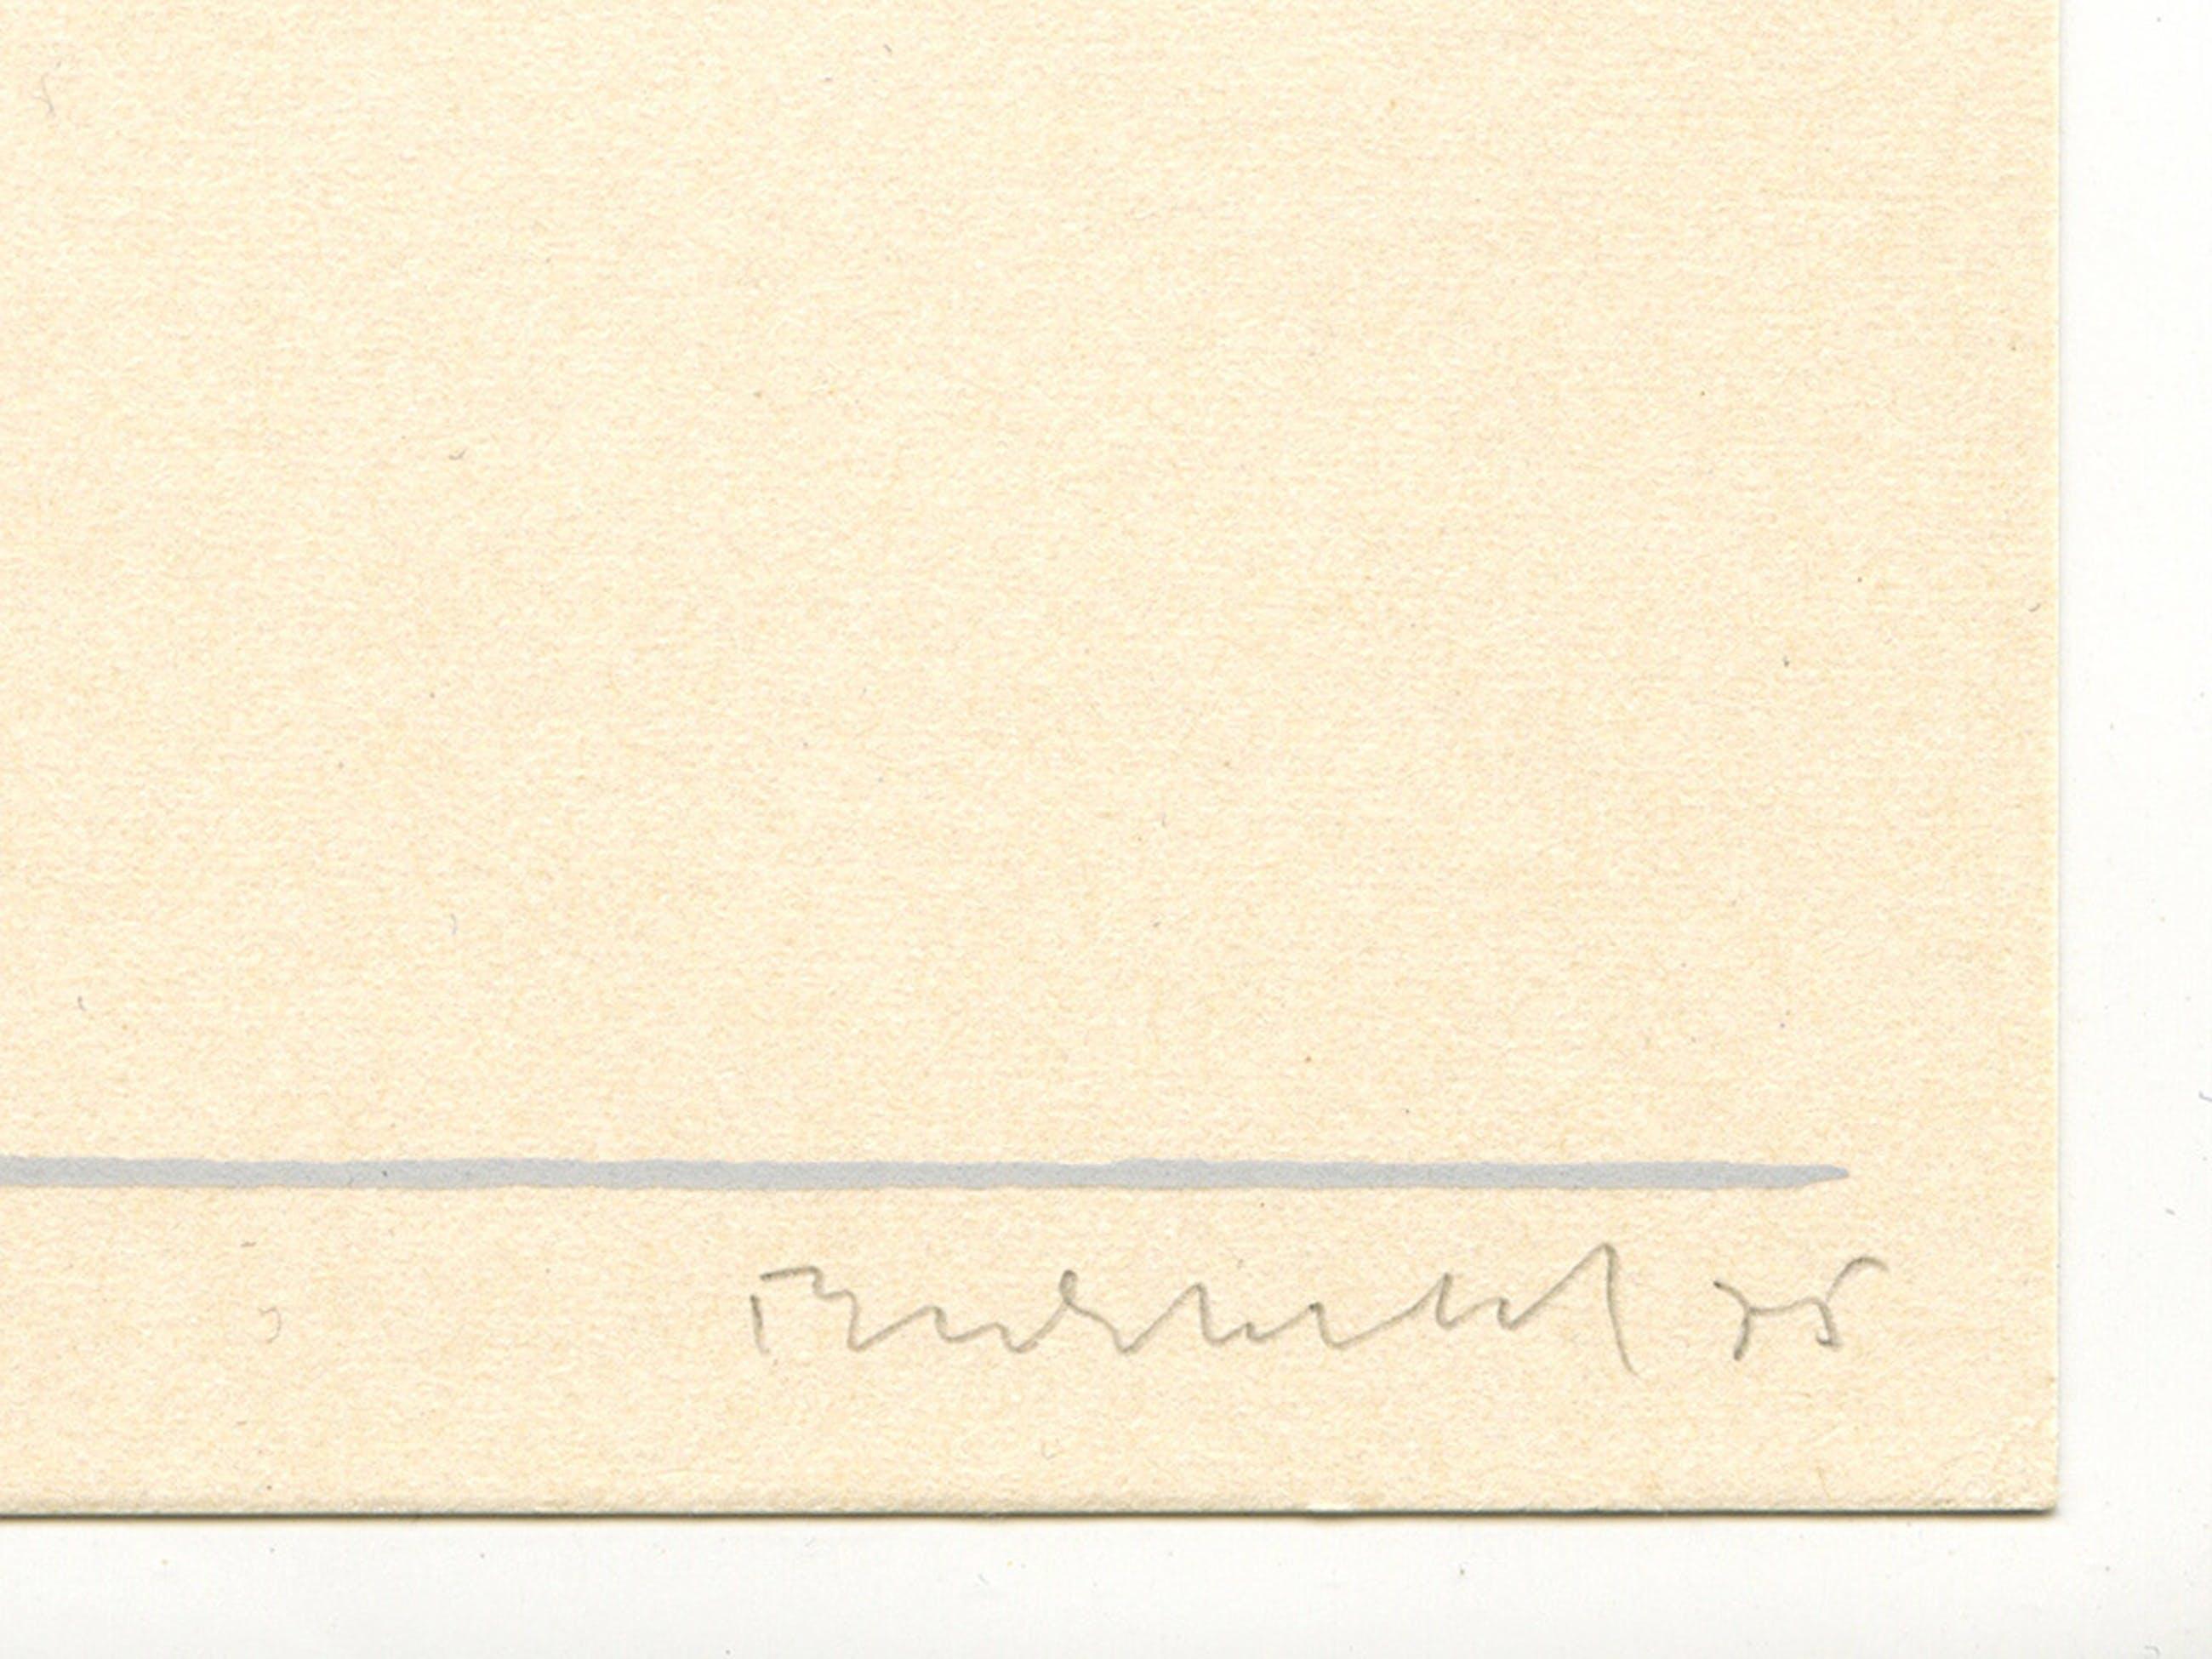 Erwin Bechtold, 'Abstracte compositie', originele litho, handgesigneerd, 1975 kopen? Bied vanaf 30!